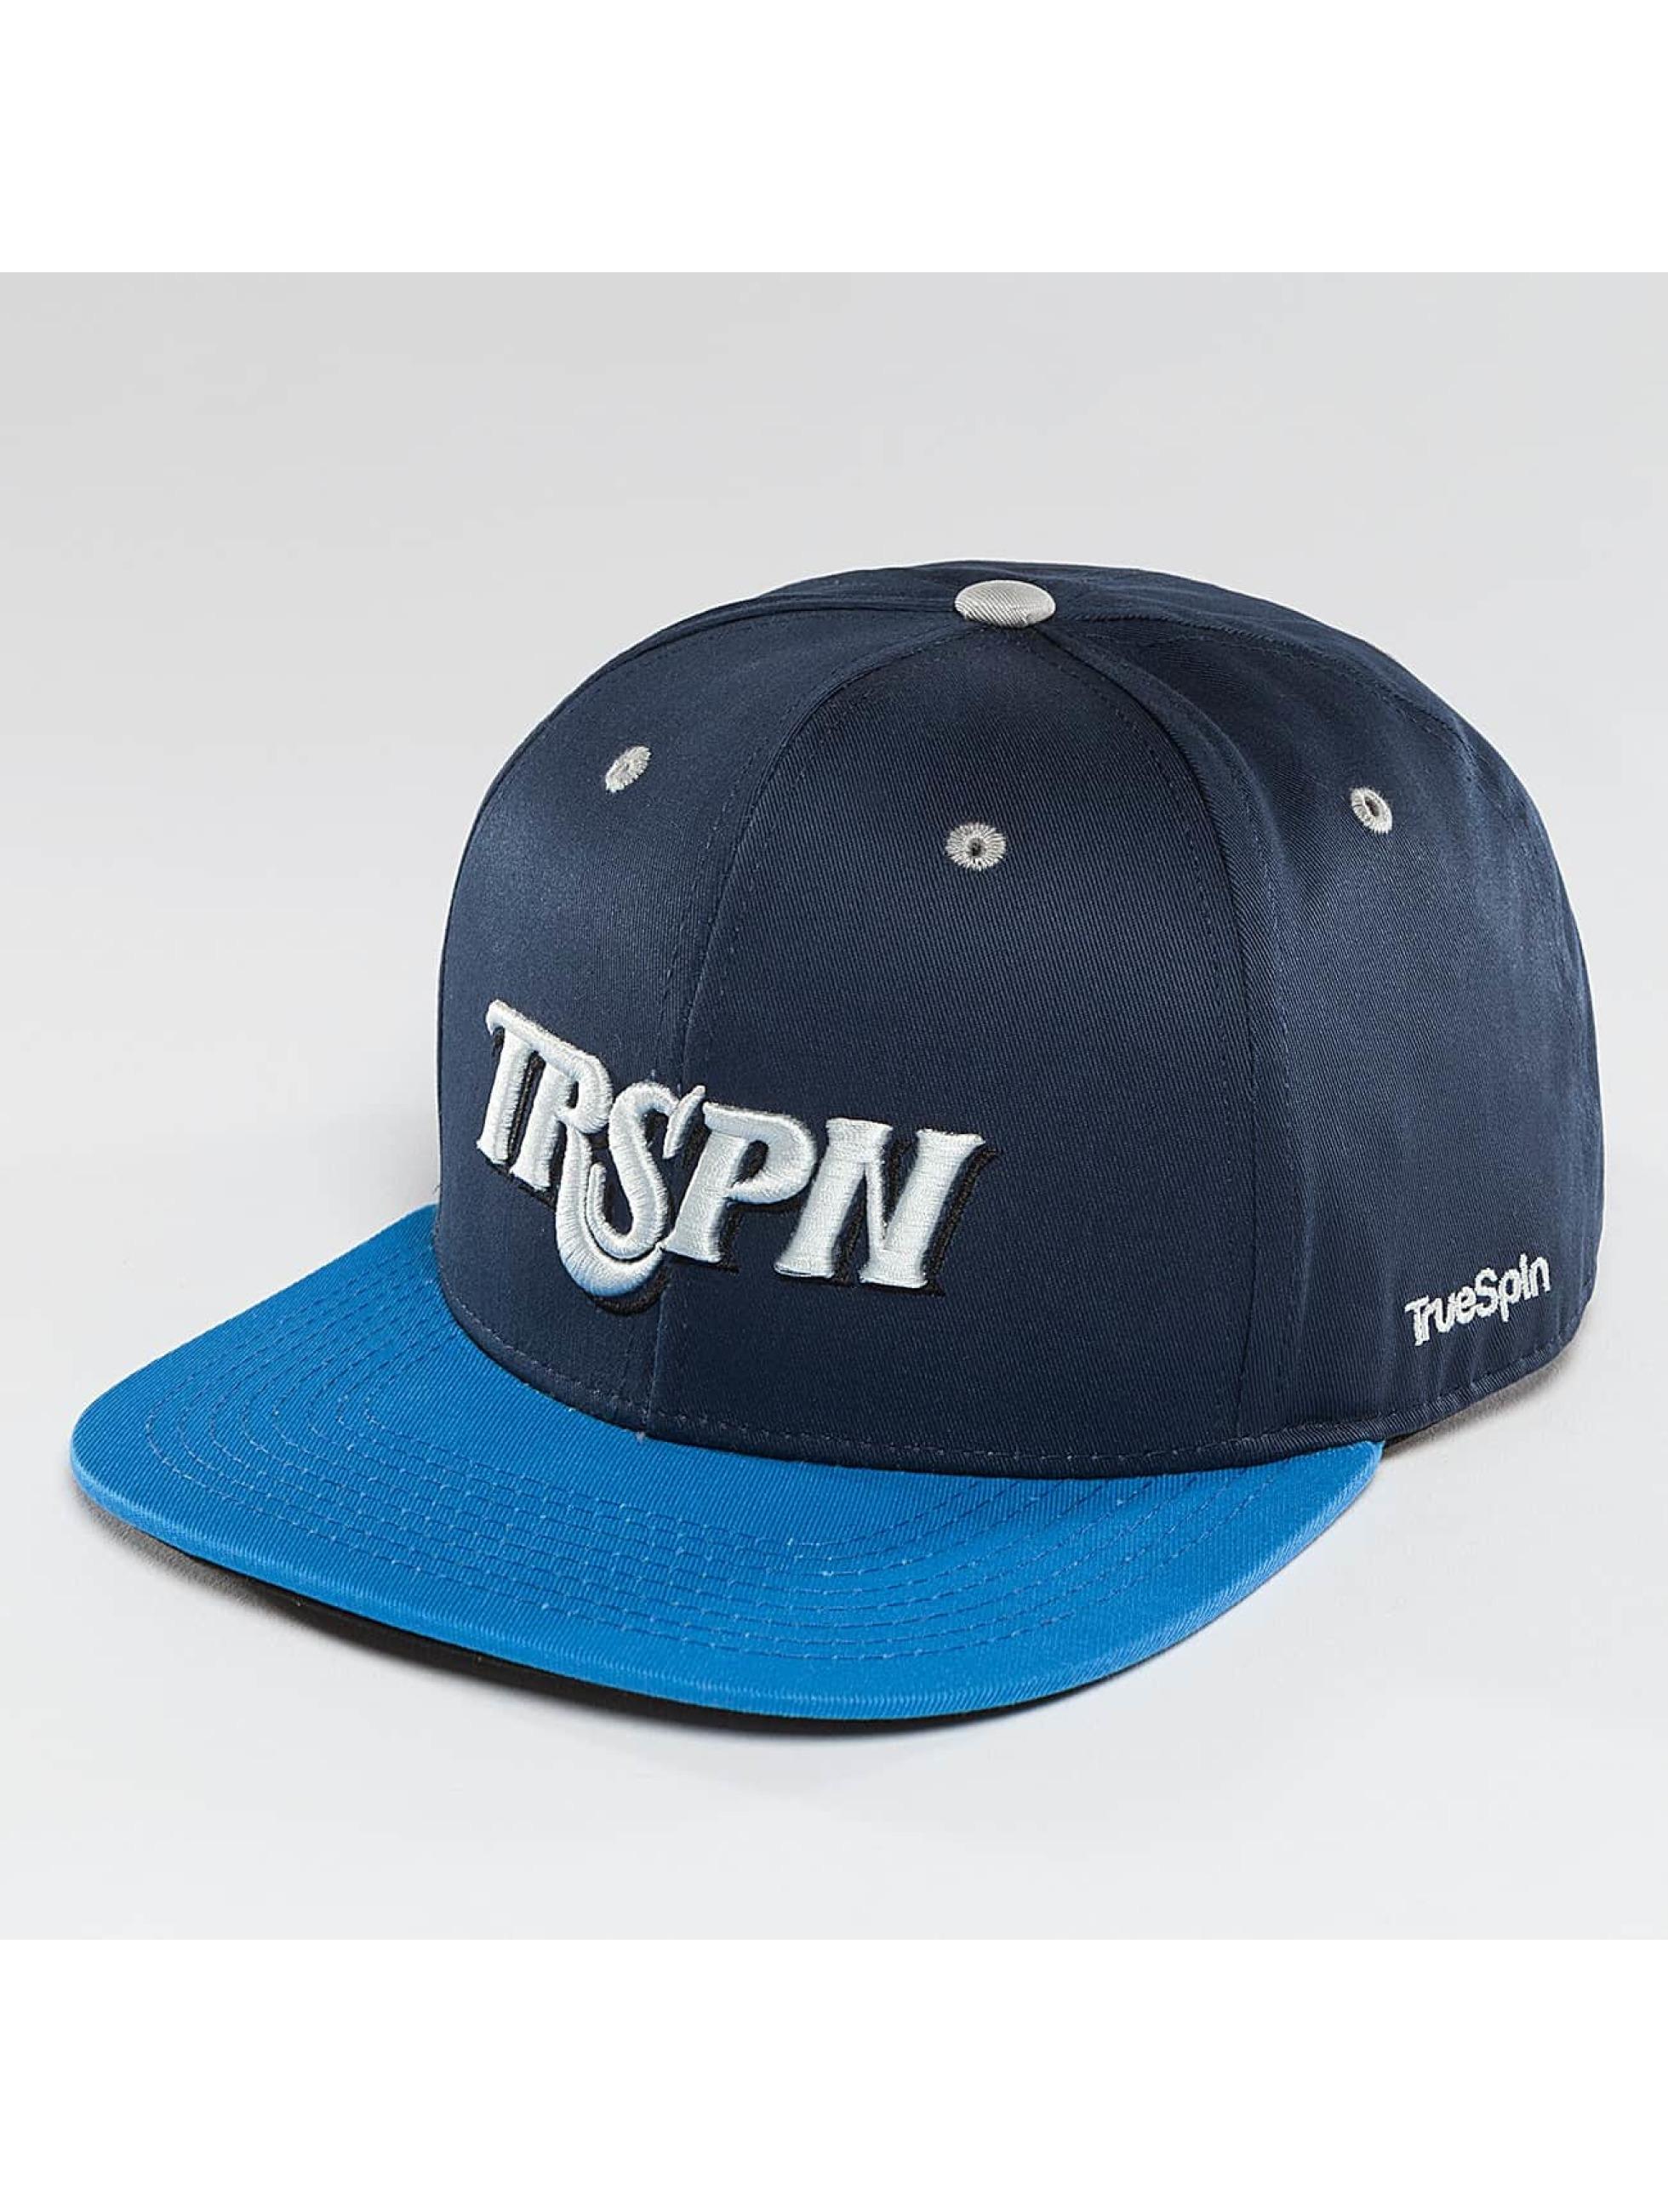 TrueSpin Snapback Caps Team TRSPN niebieski